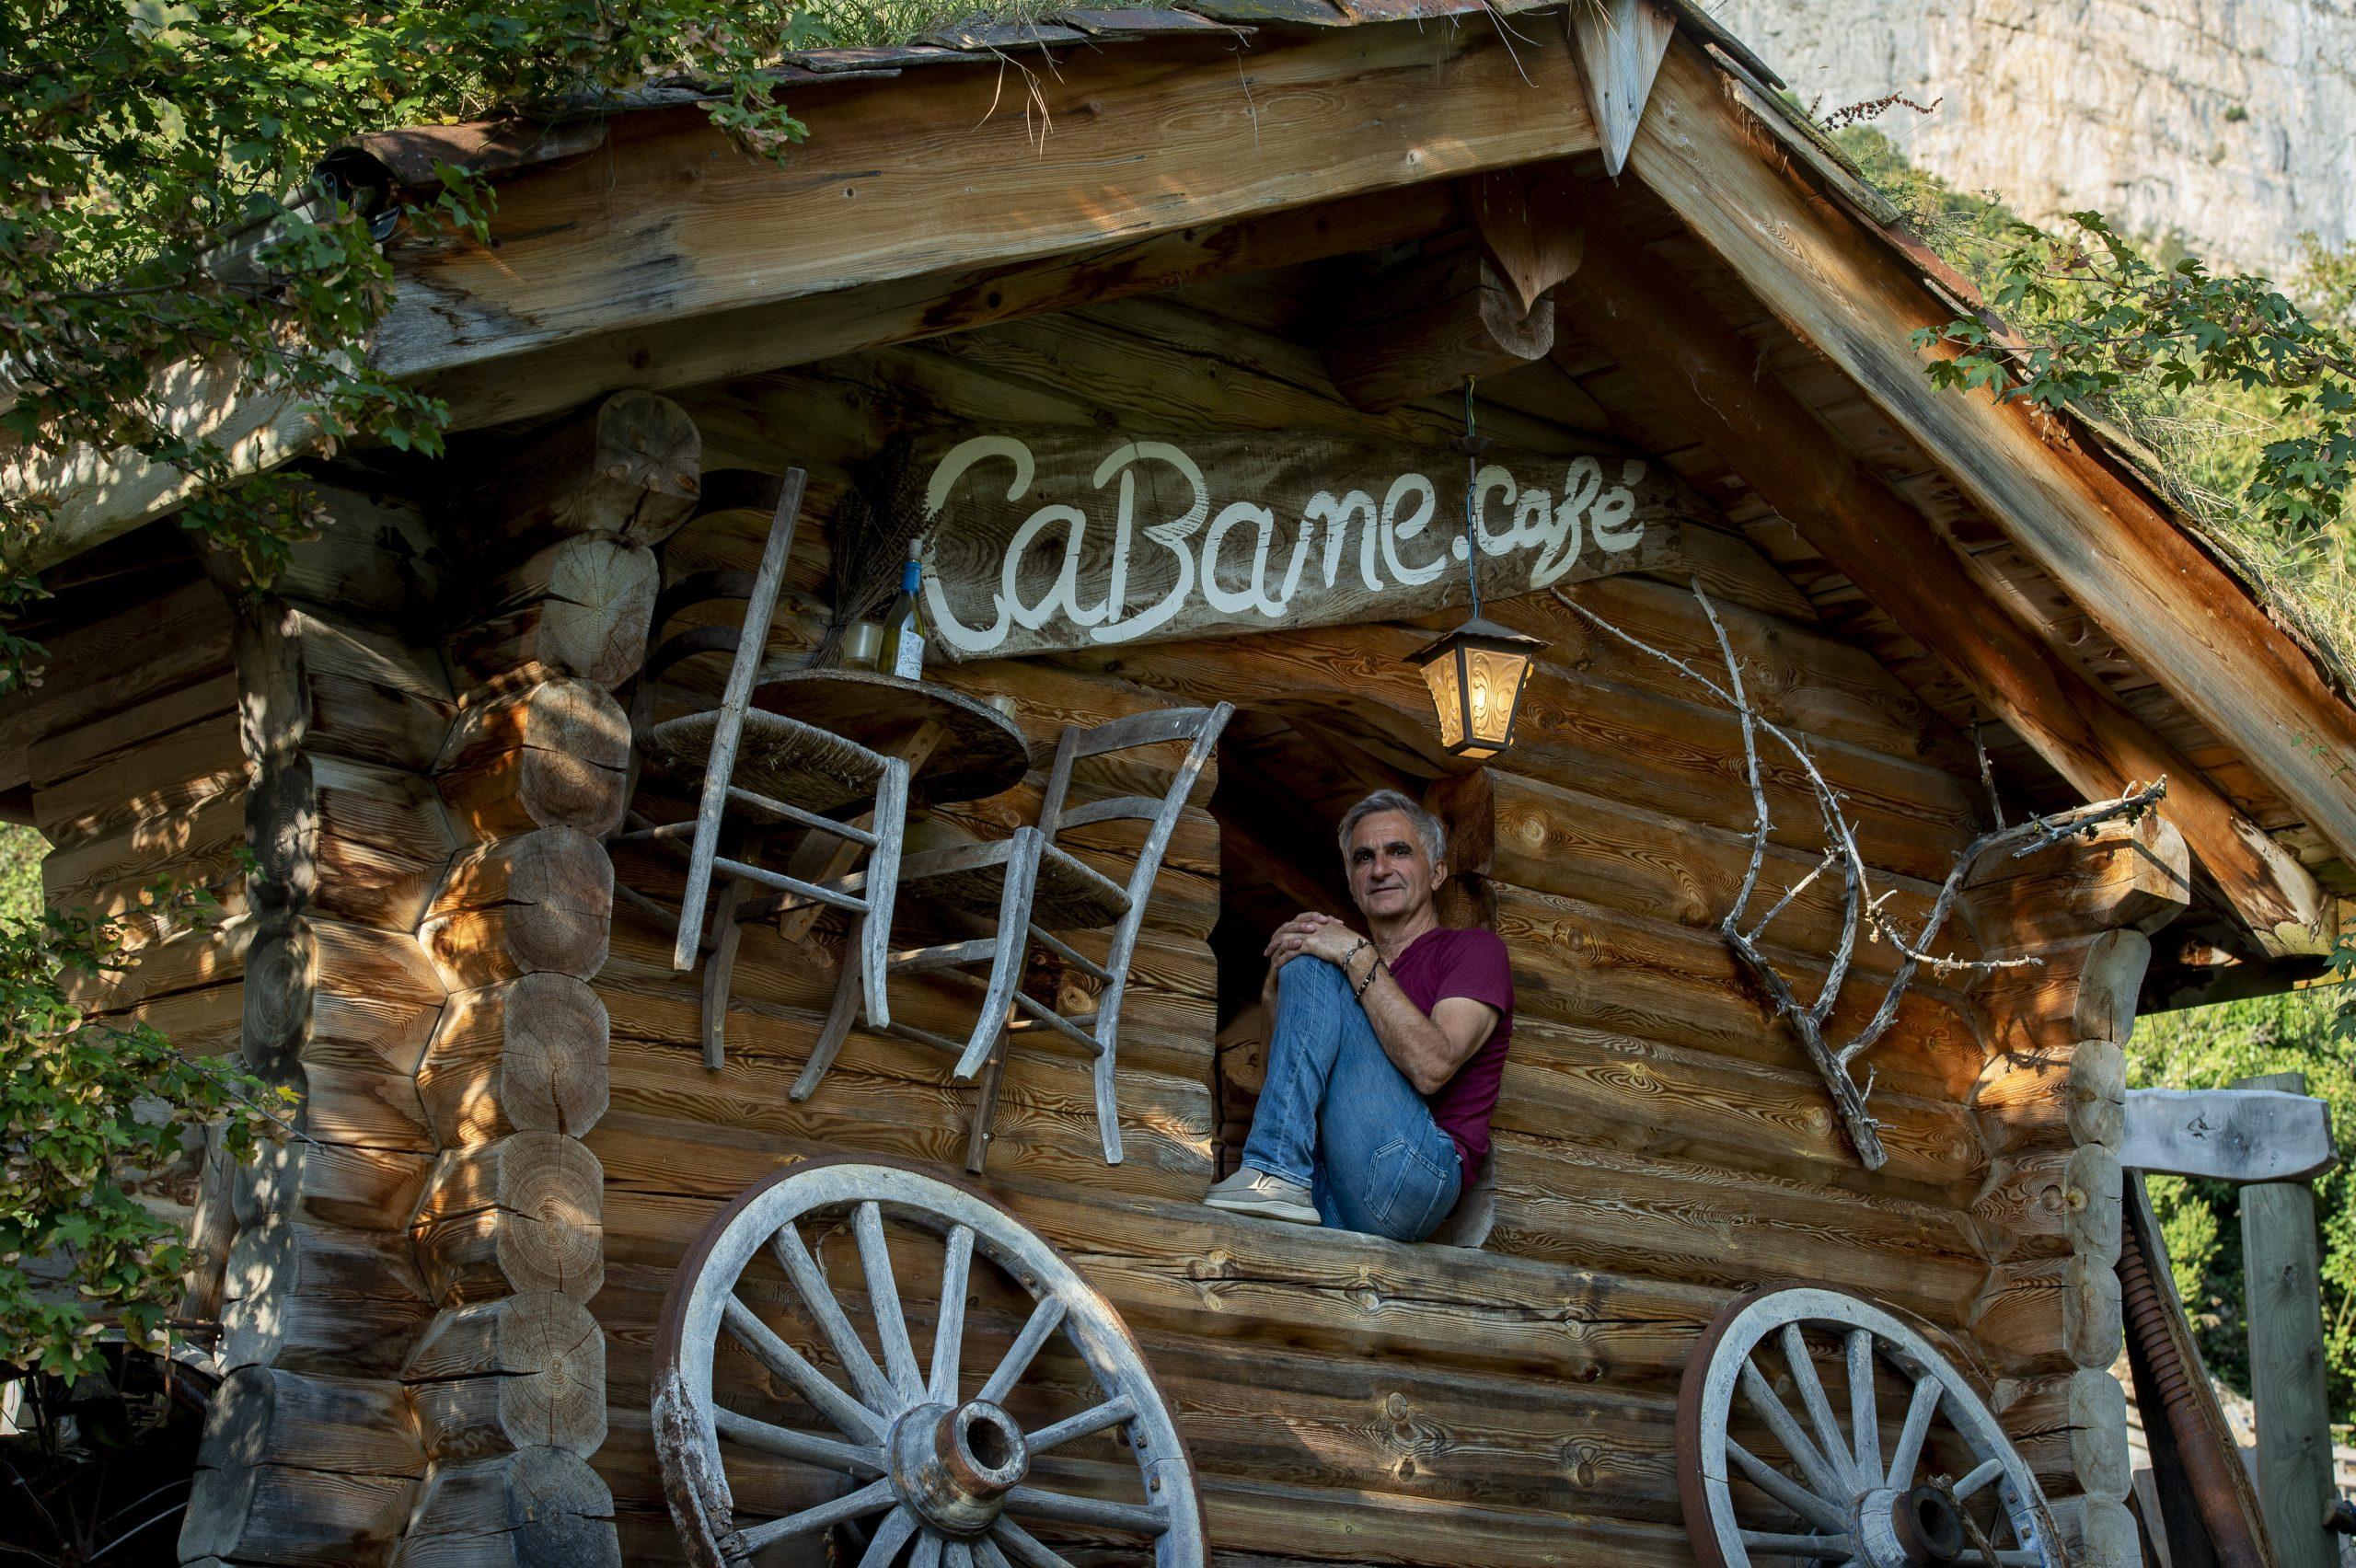 Cabane Café, proprietaire restaurant produits locaux bio vercors